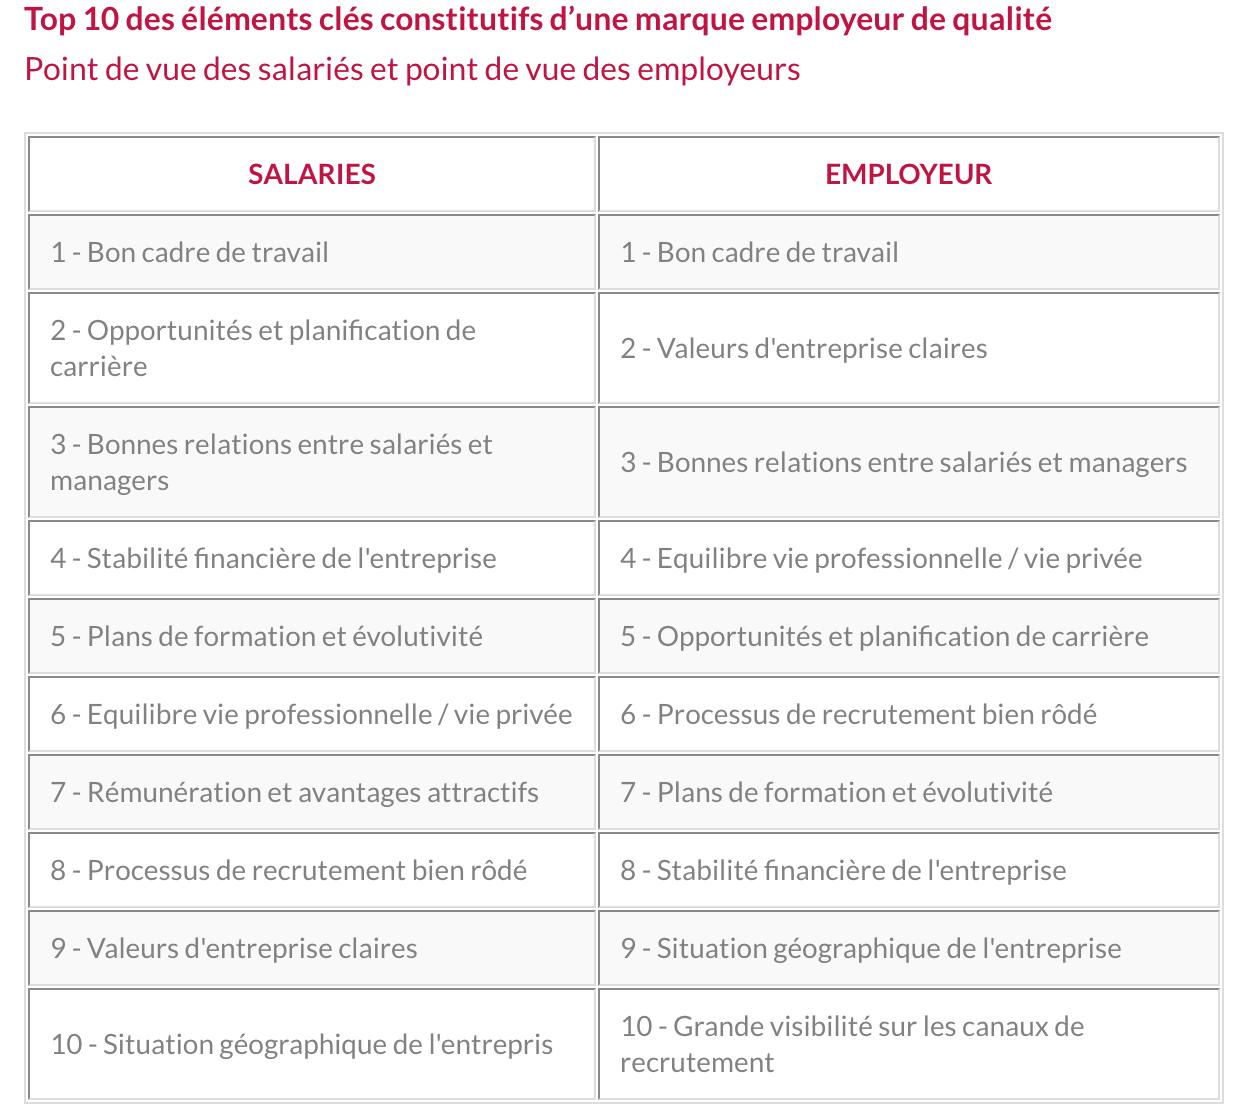 Top 10 des éléments clés constitutifs d'une marque employeur de qualité Point de vue des salariés et point de vue des employeurs - Source : groupesfc.fr